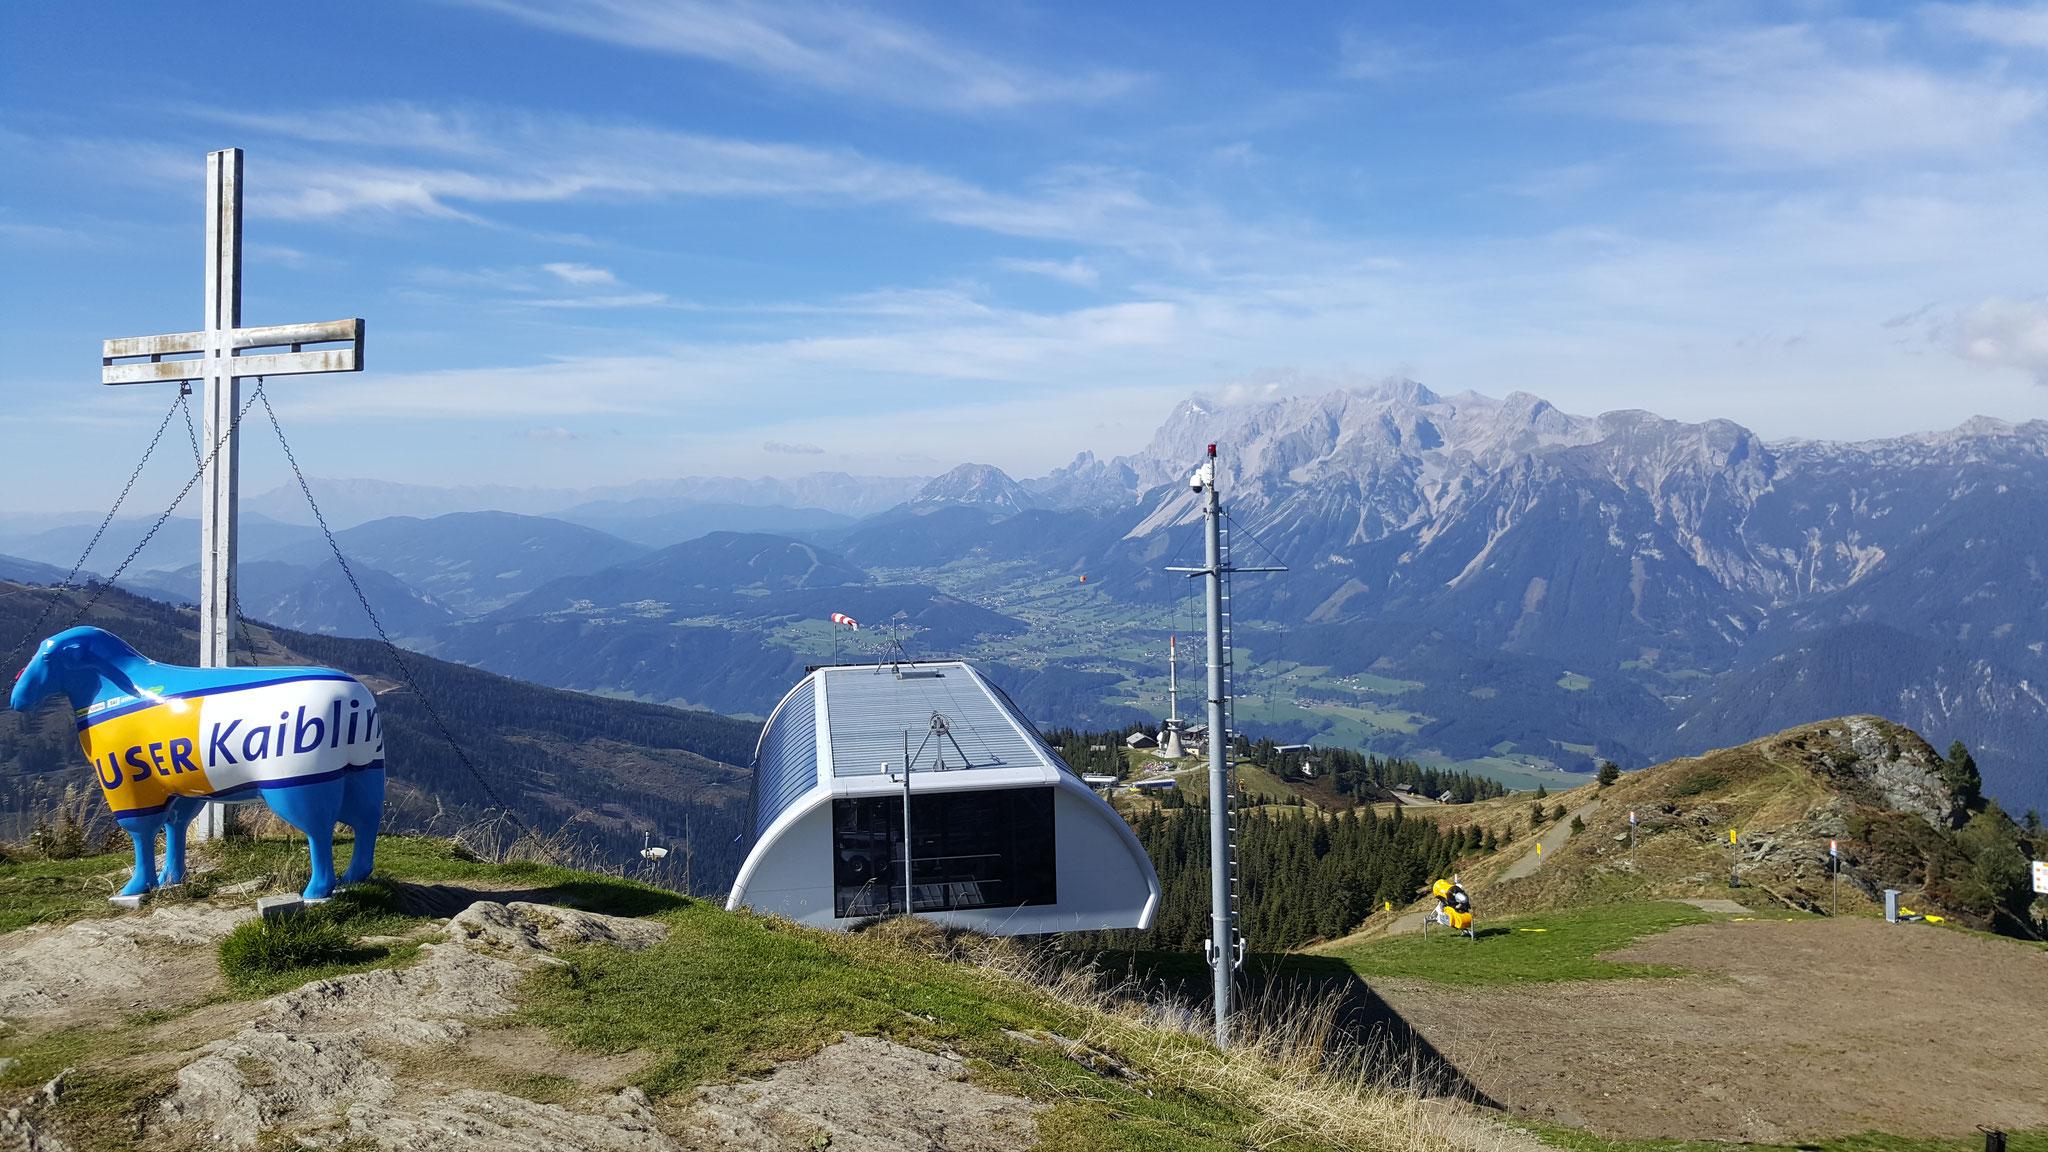 Das Gipfelkreuz vom Hauser Kaibling